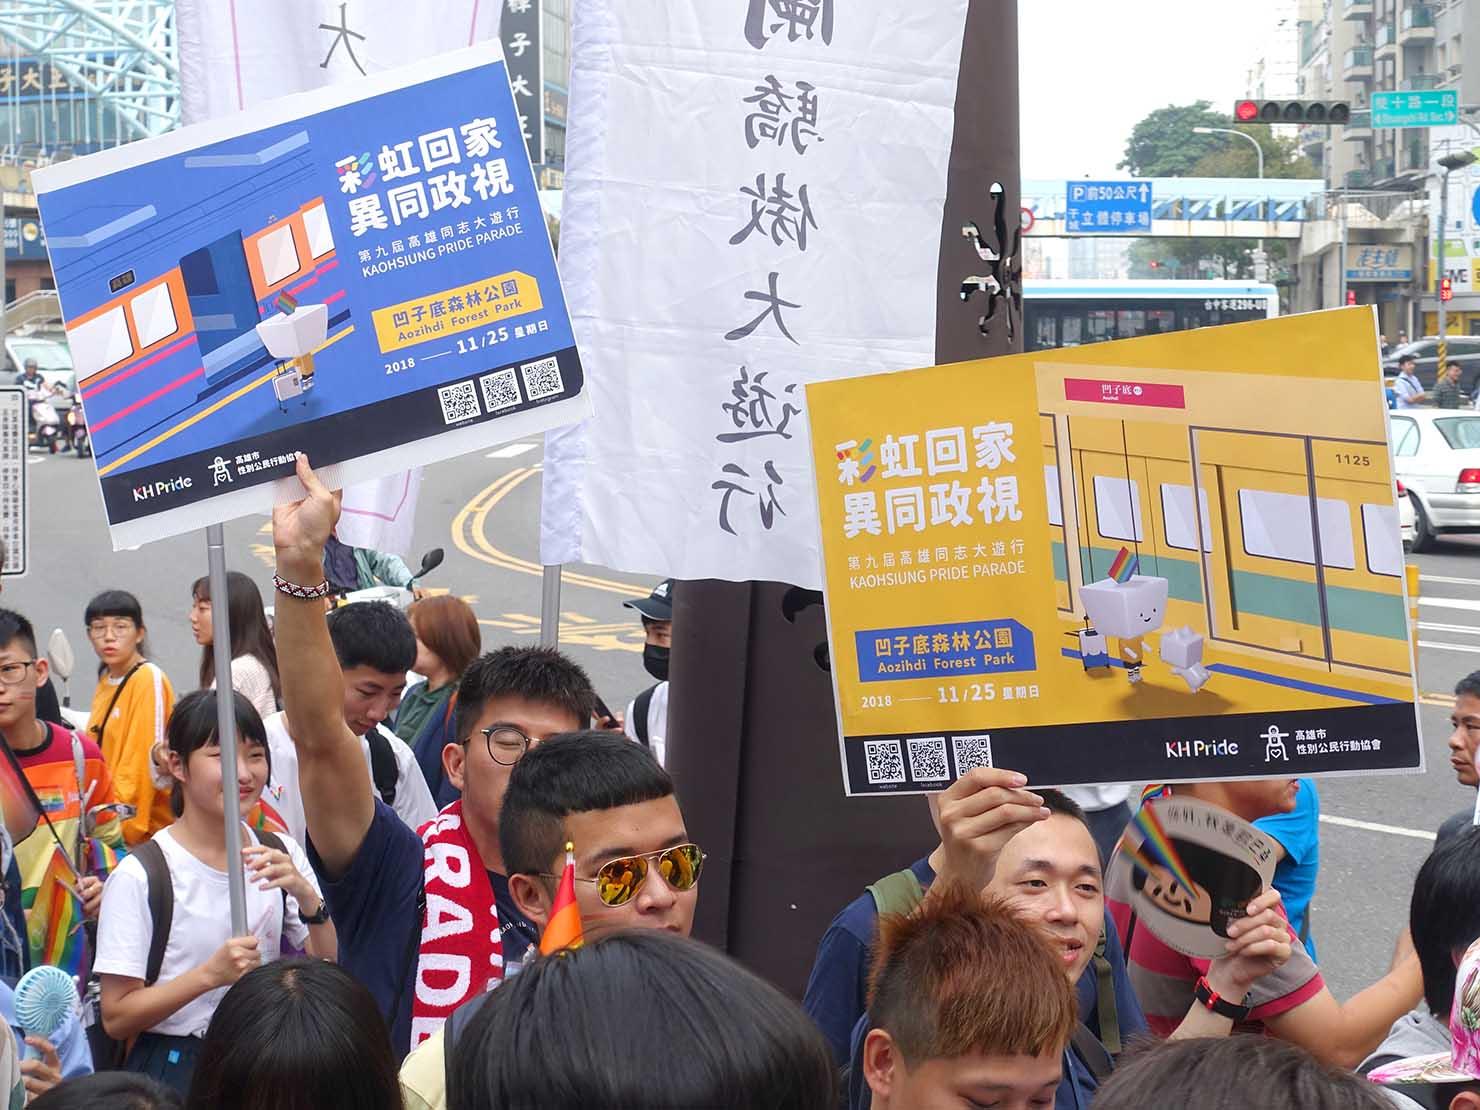 台中同志遊行(台中LGBTプライド)2018パレードで高雄同志大遊行(高雄プライド)のプラカードを掲げる参加者